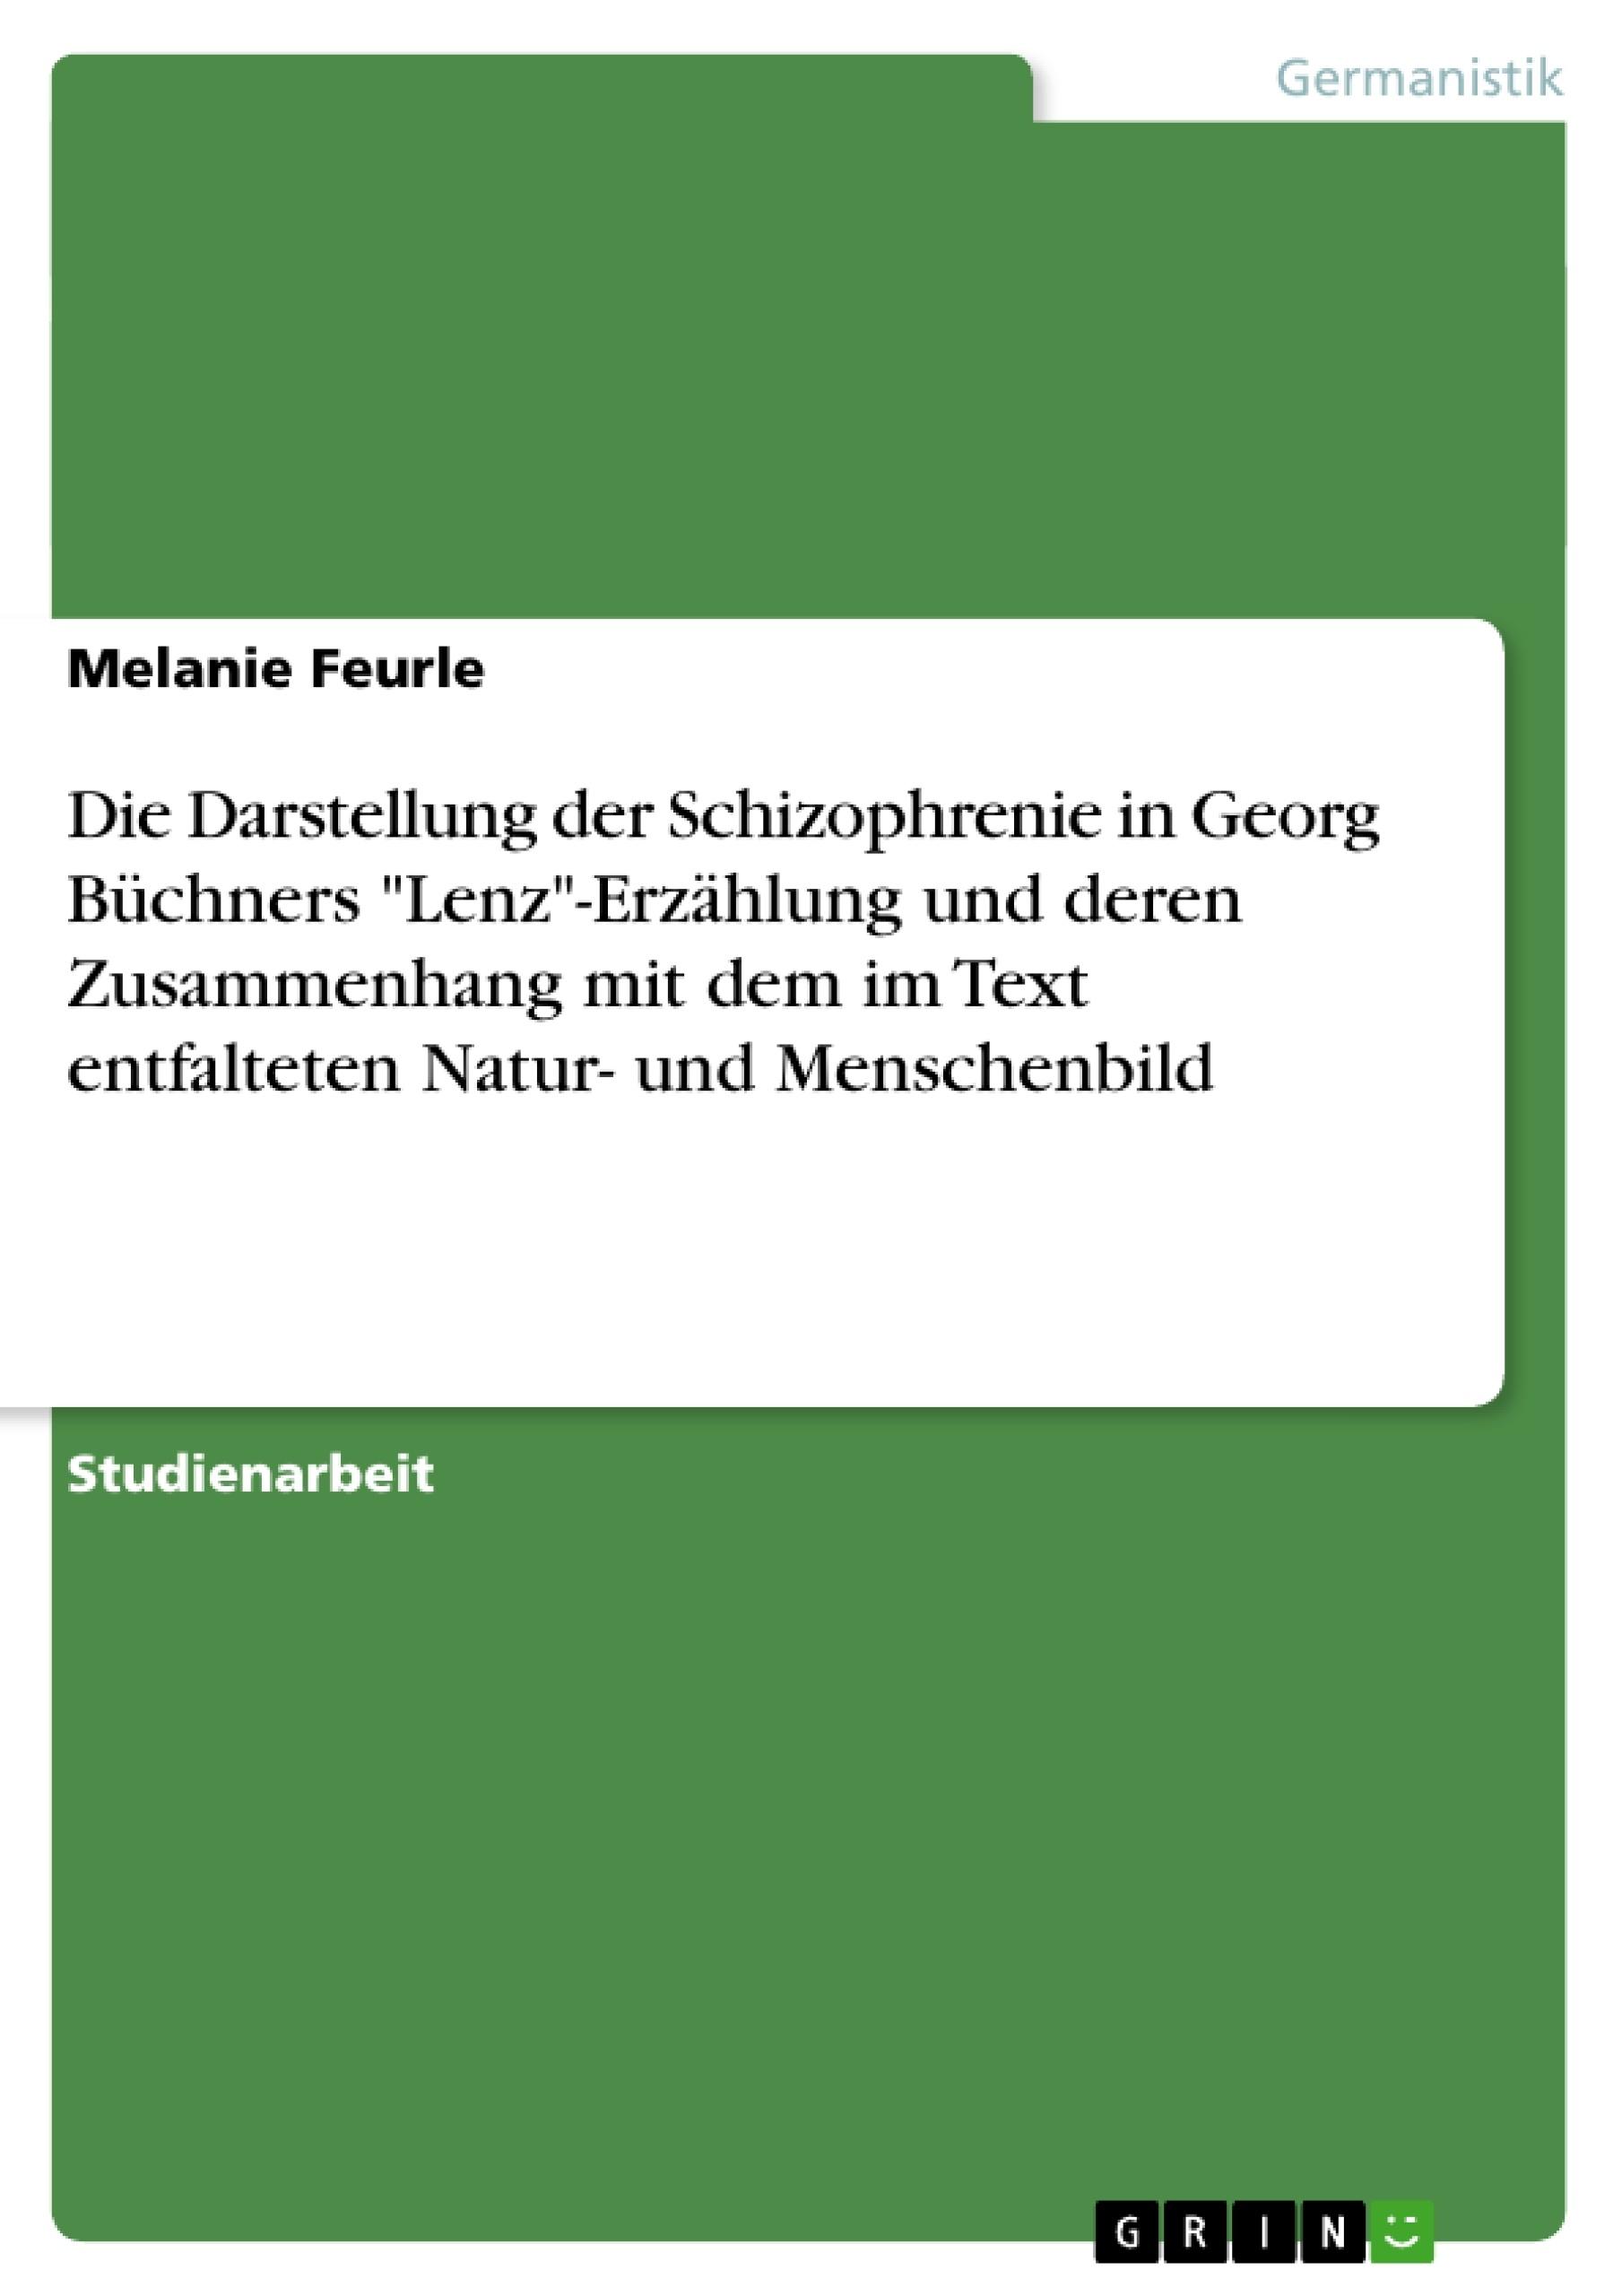 """Titel: Die Darstellung der Schizophrenie in Georg Büchners """"Lenz""""-Erzählung und deren Zusammenhang mit dem im Text entfalteten Natur- und Menschenbild"""